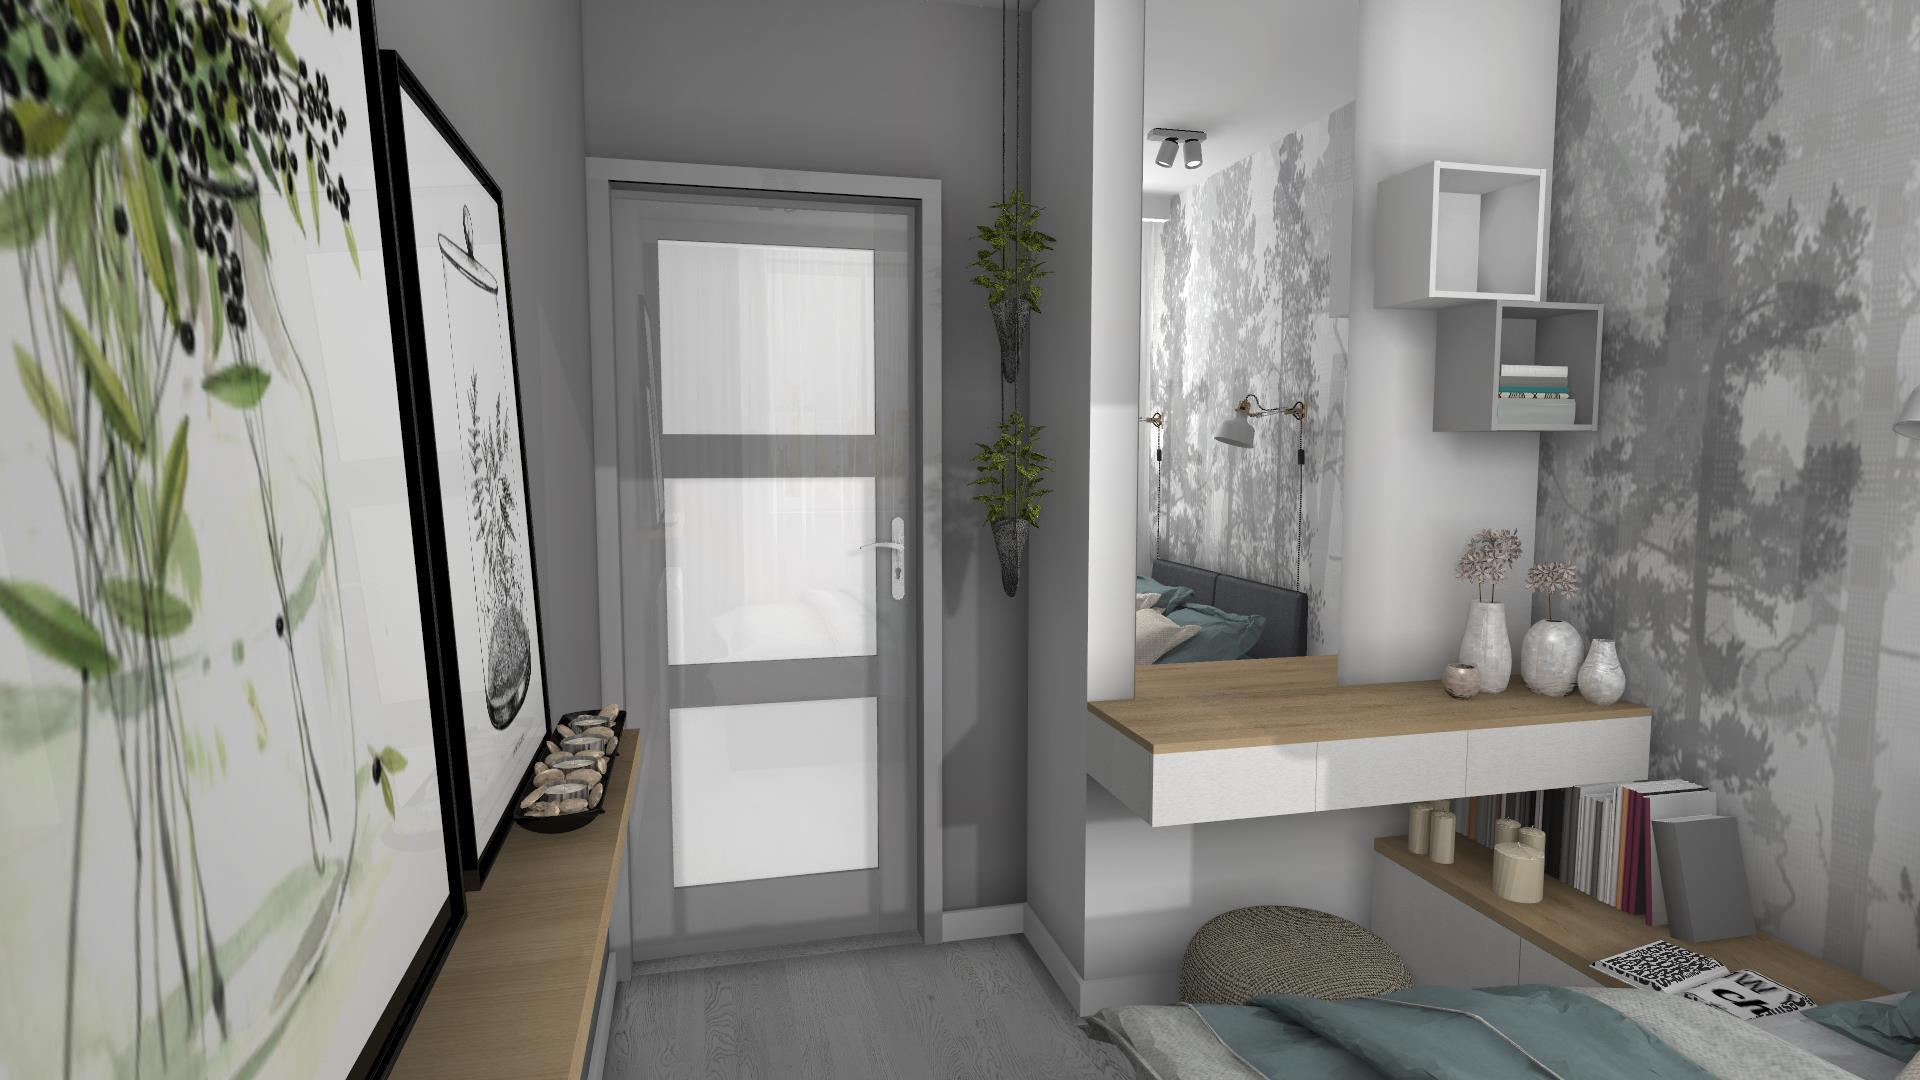 designbox_marta_bednarska_małek_projek__sypialni_projektowanie_wnętrz_lubin_2